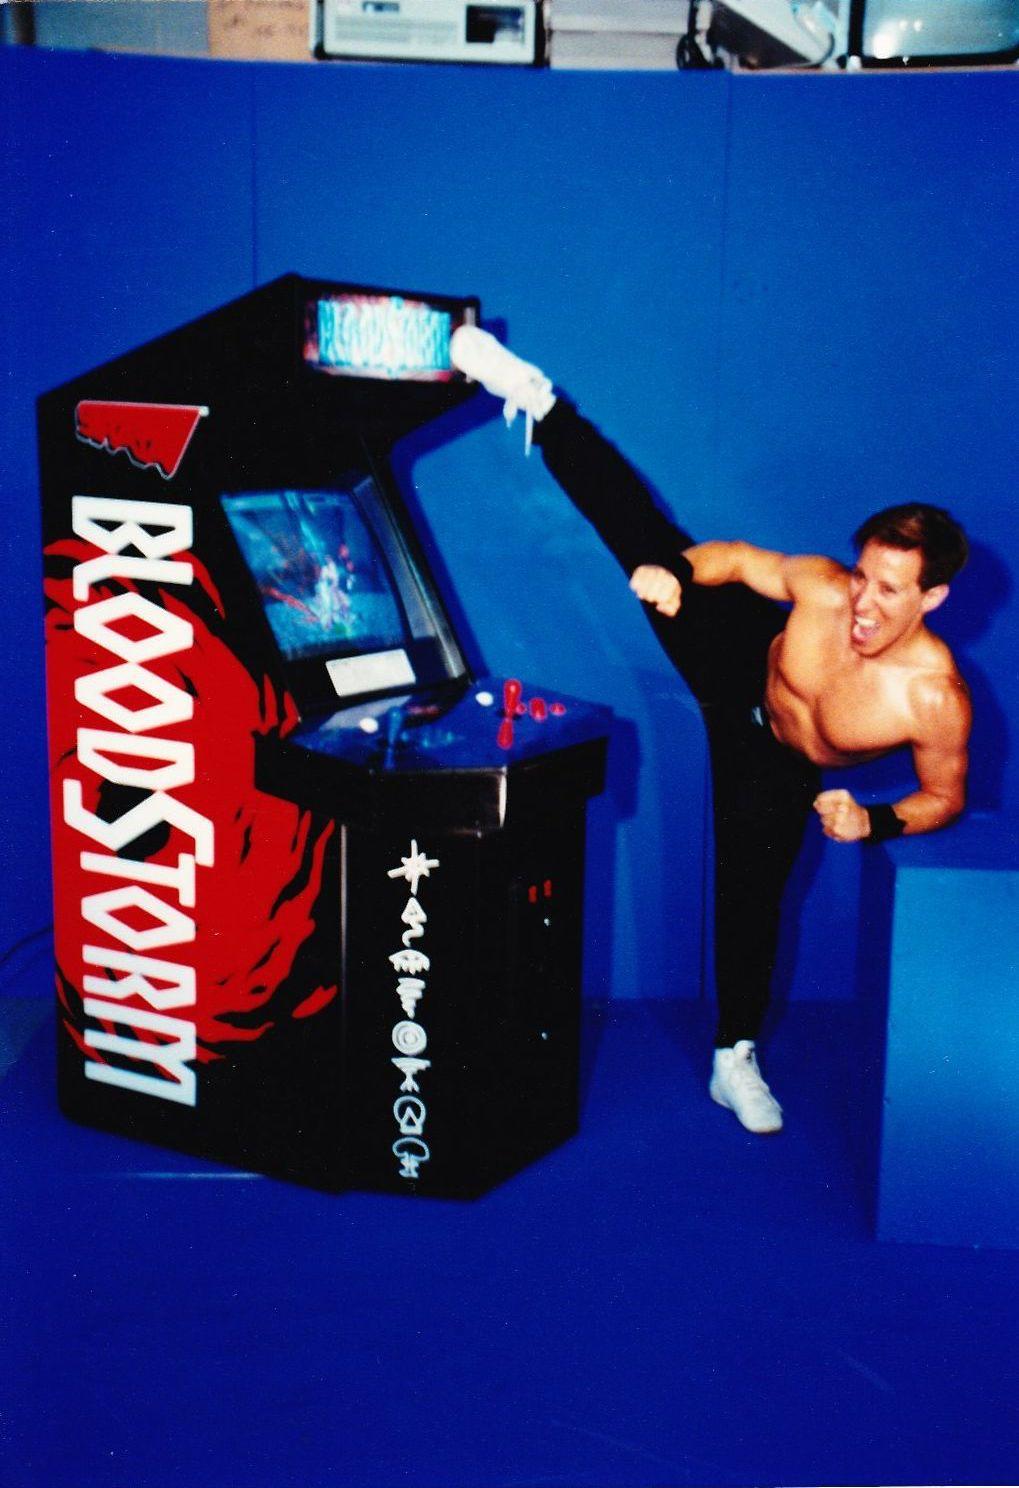 20年后,真人快打的约翰尼凯奇